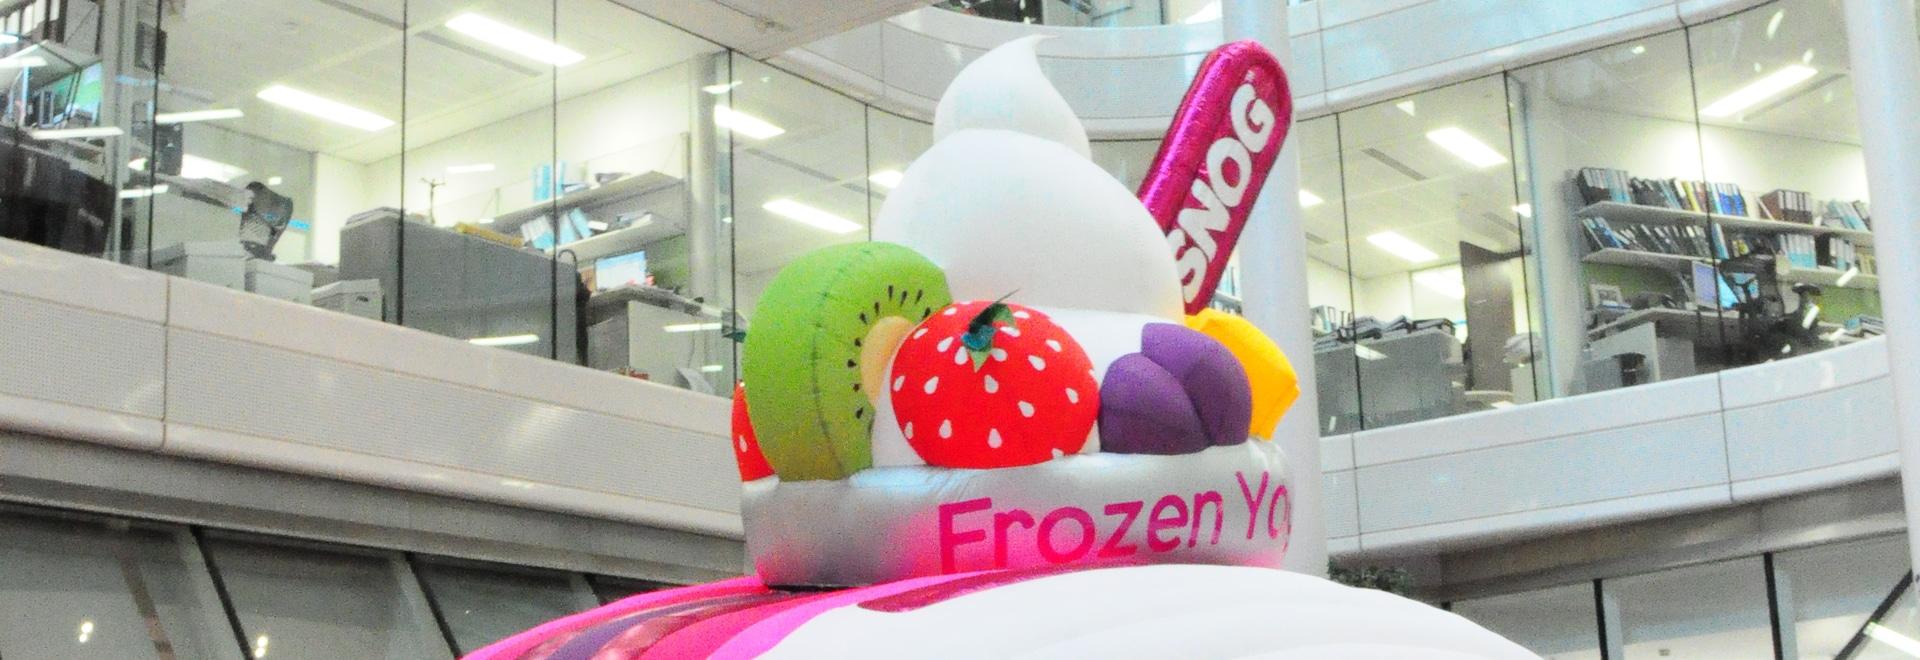 SNOG Frozen Yogurt Kiosk